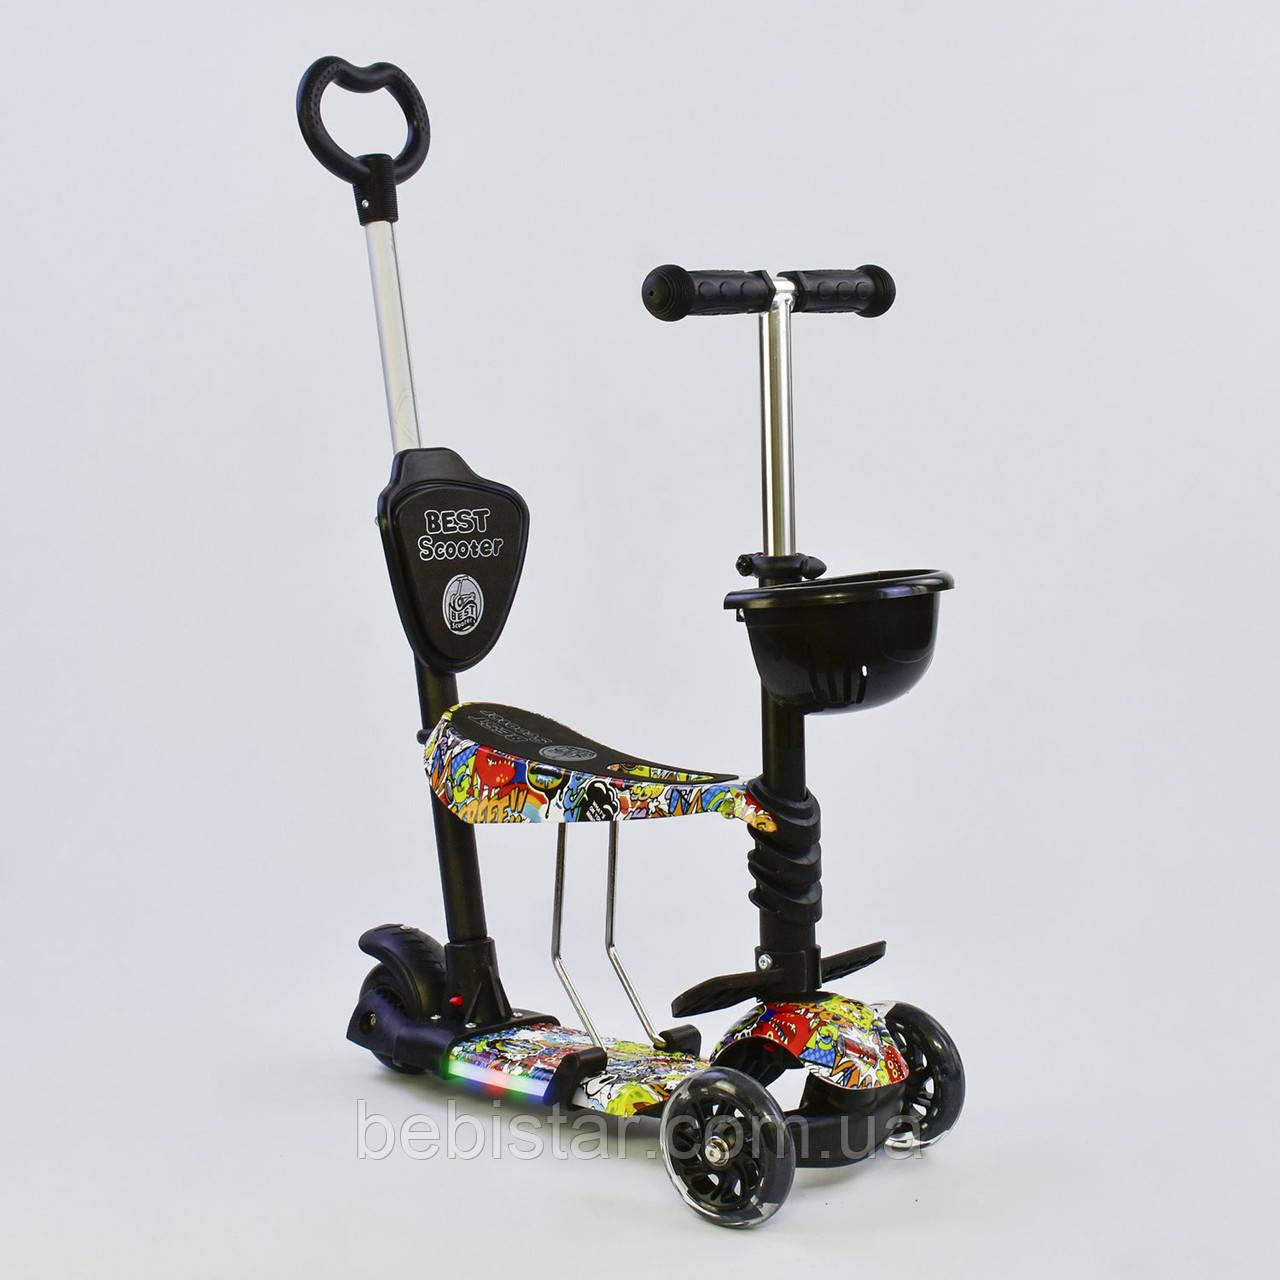 Самокат беговел коляска разноцветный с ручкой подсветкой платформы и светящимися колесами малышам от 1года